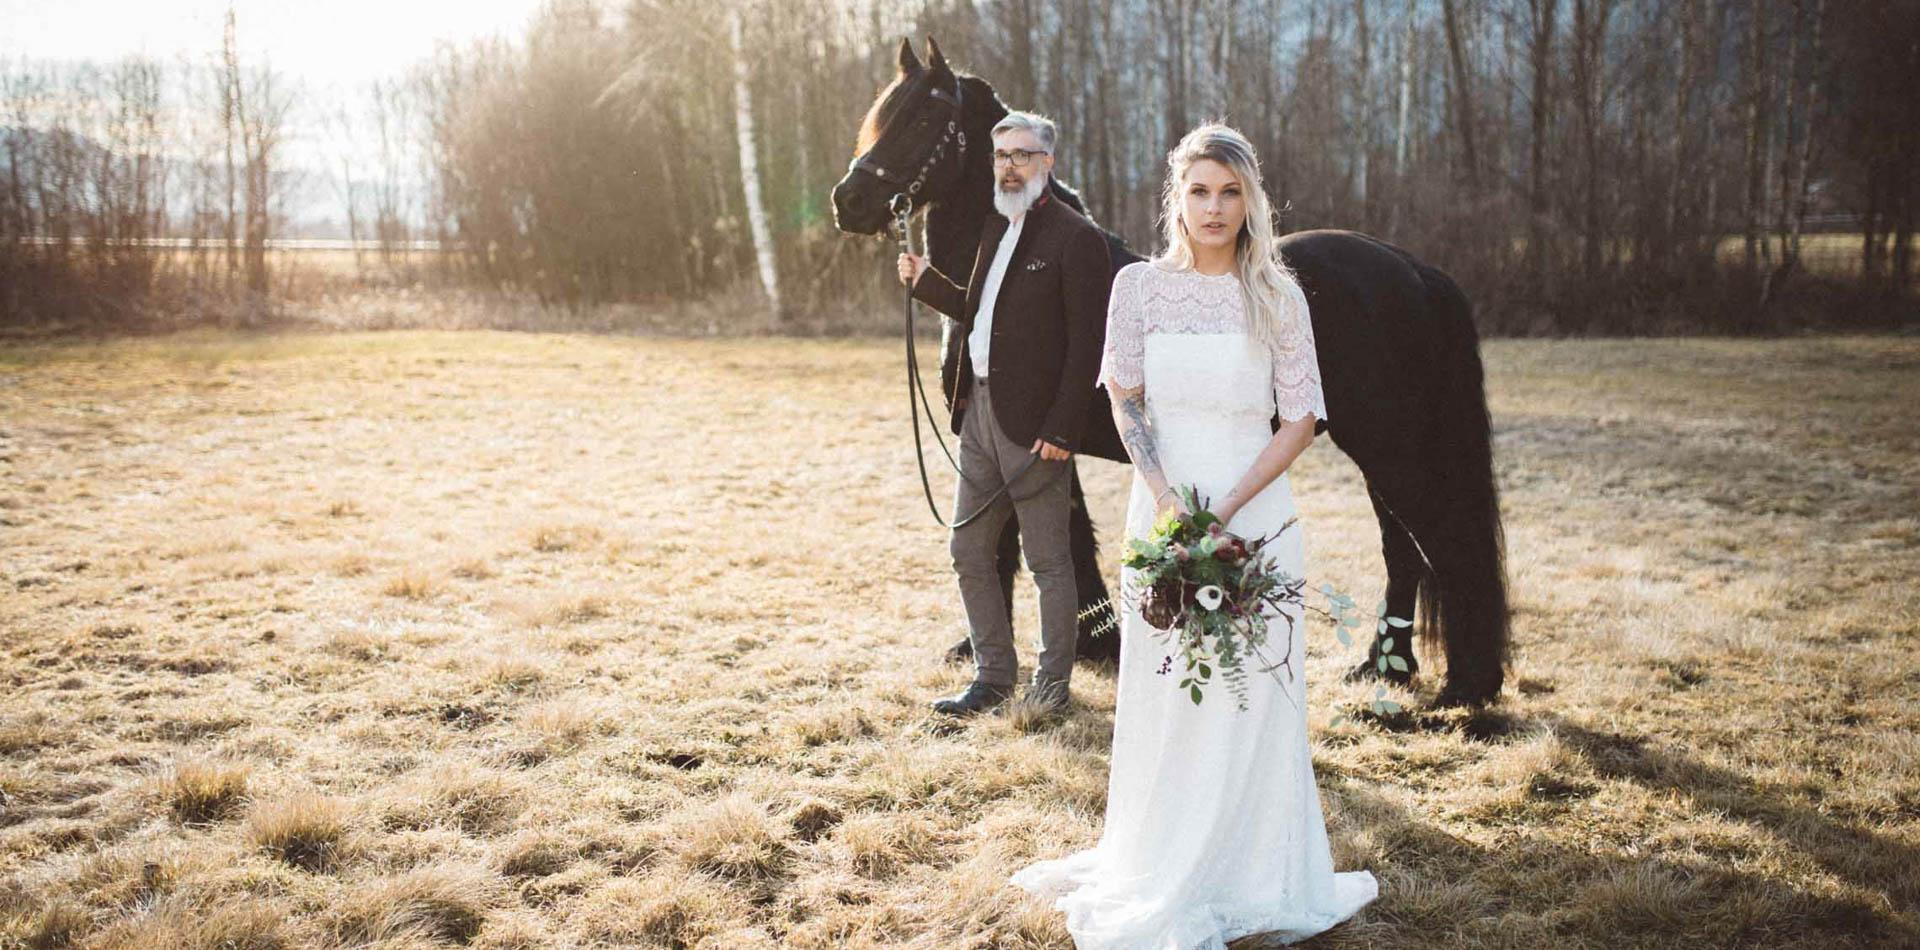 Brautkleider 2017 – Preview neue Kollektion